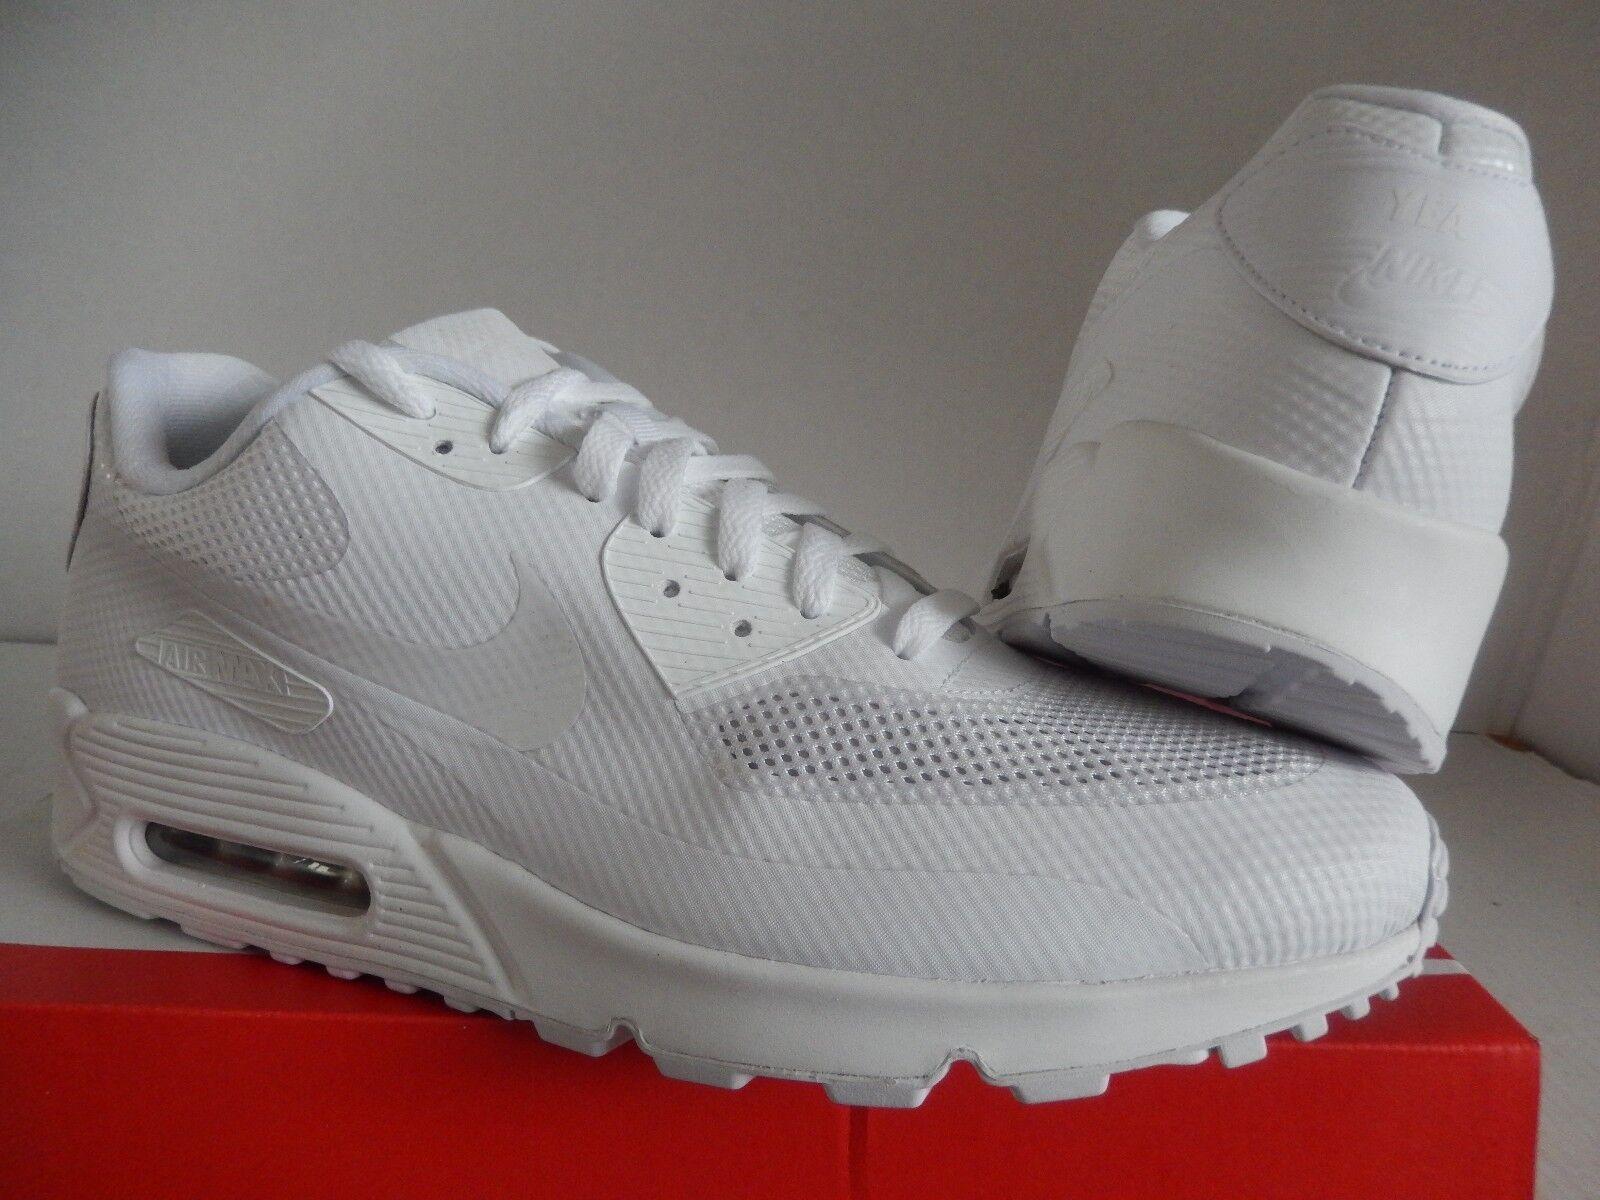 Nike air max max max 90 hyp hyperfuse premium - id alle weißen sz 13 [653603-991] a11451